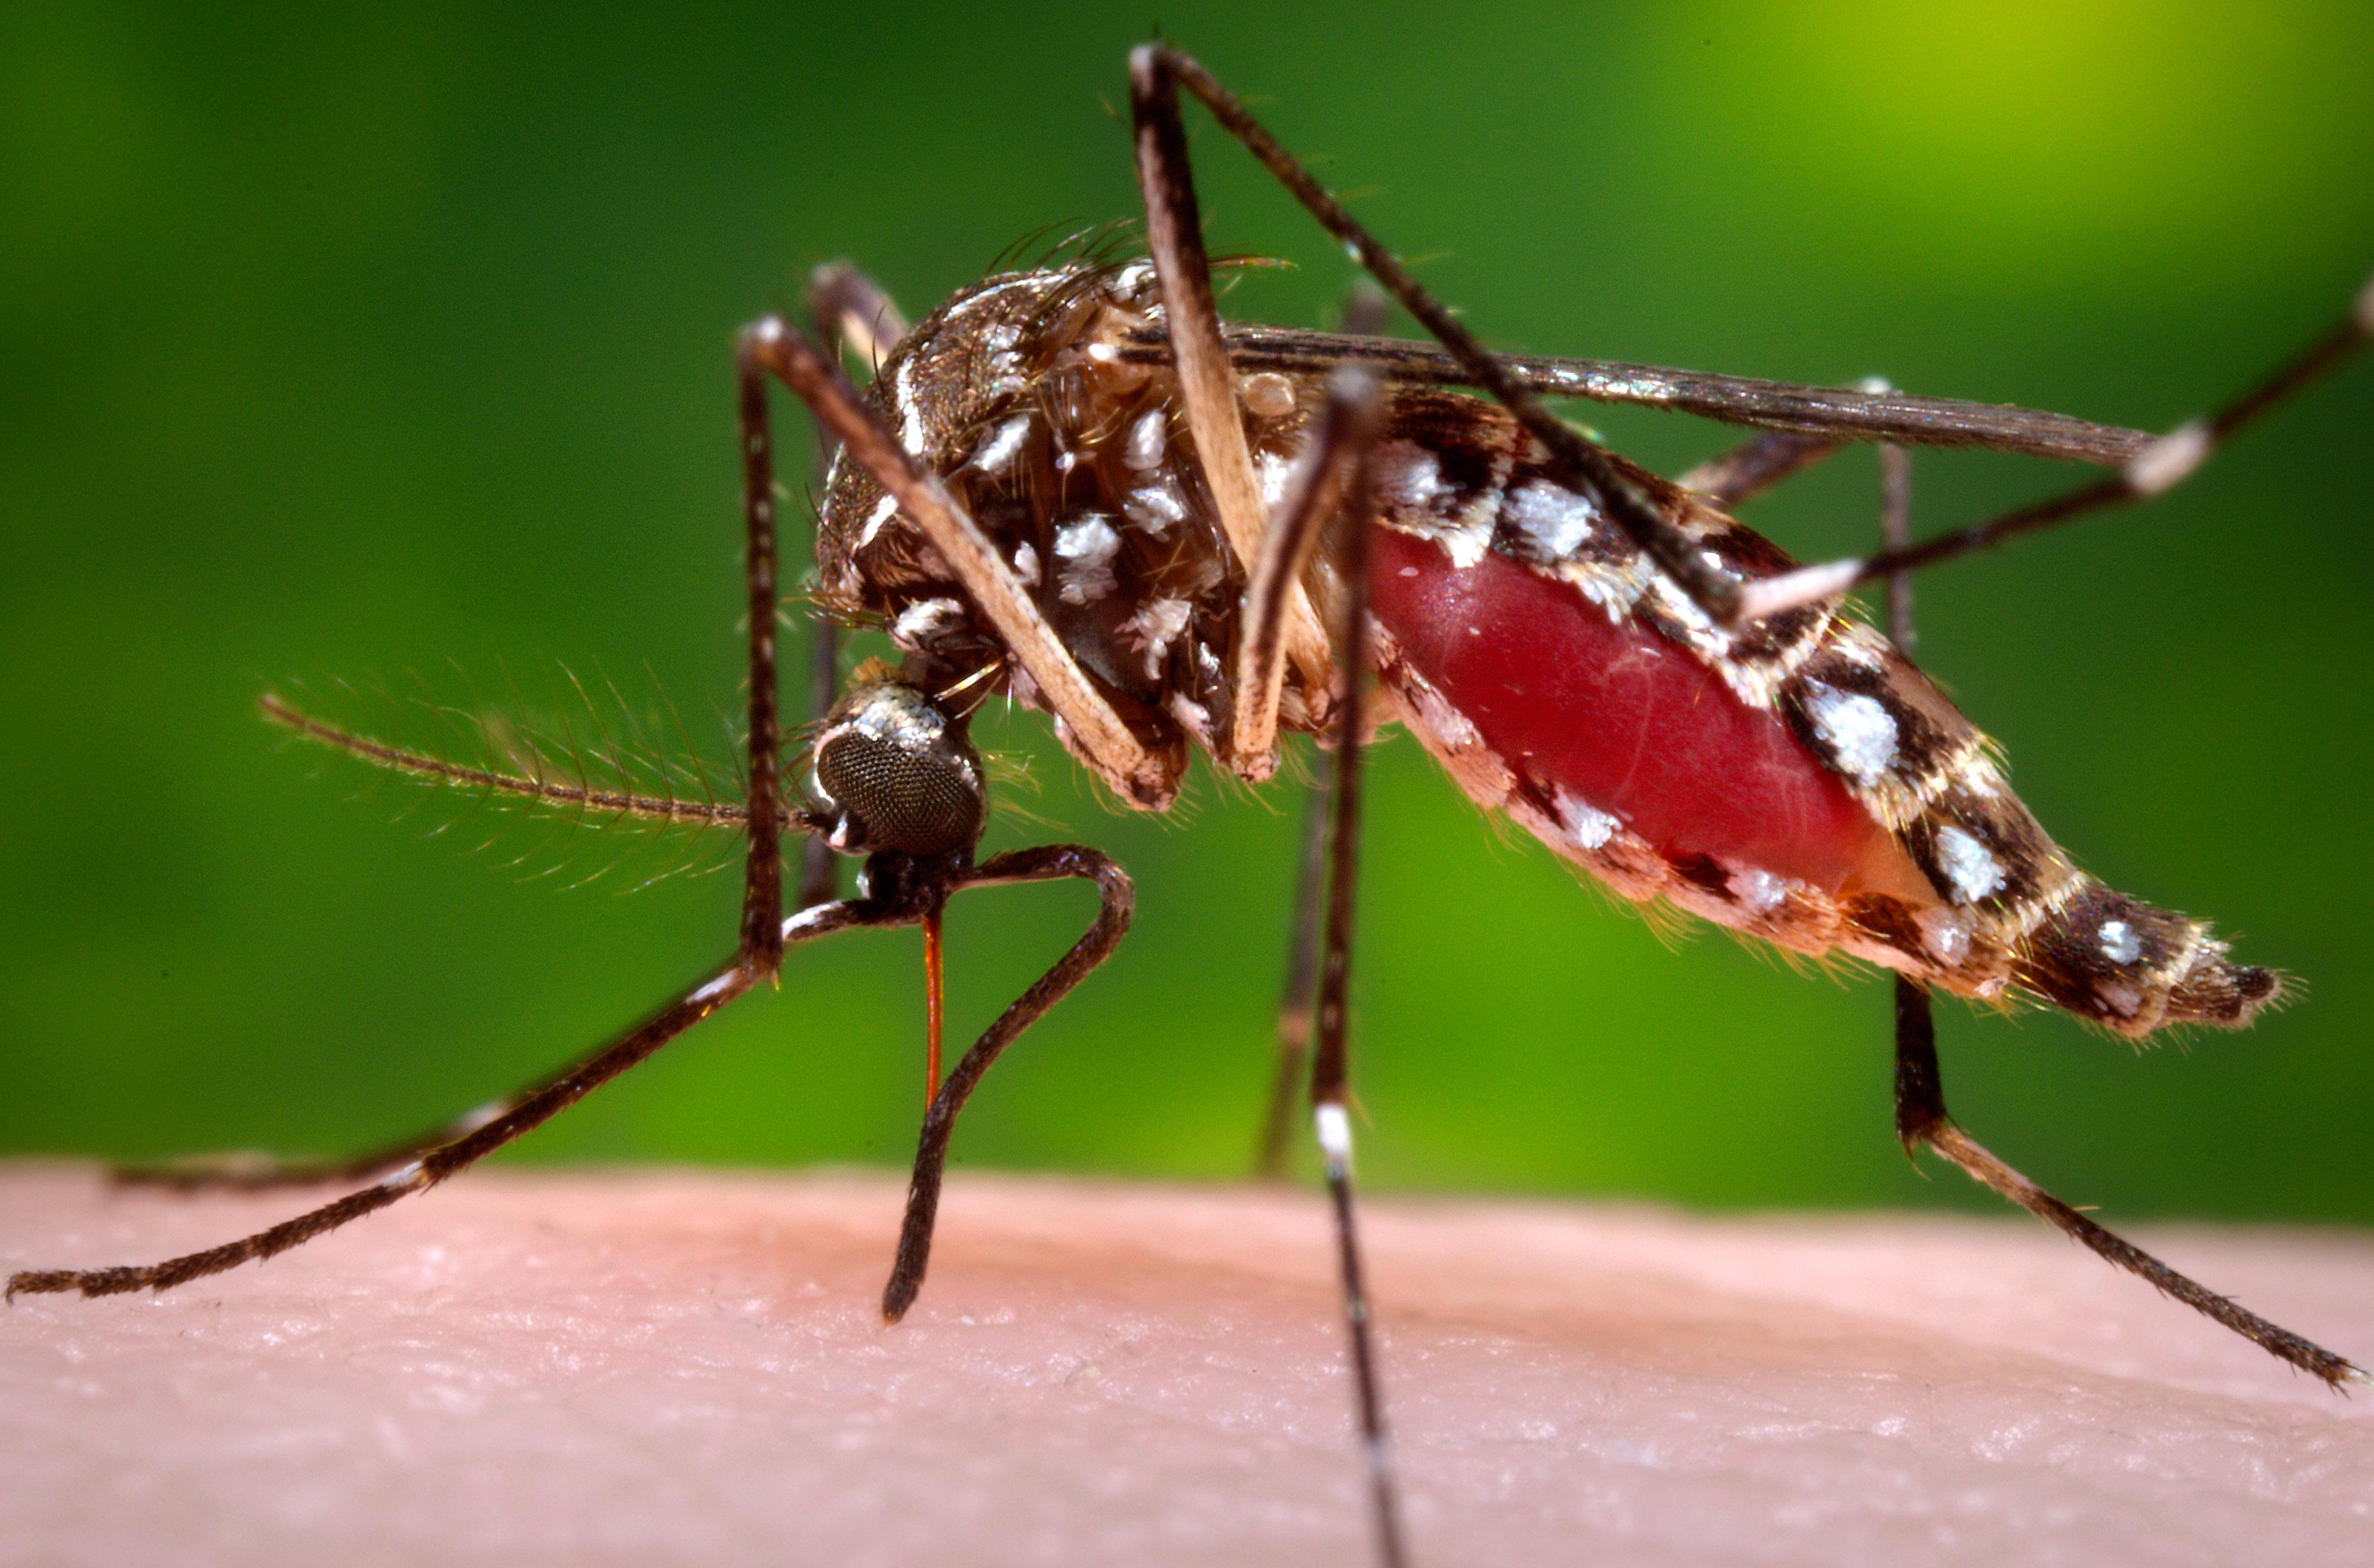 452 personas han sido contagiadas con el virus del Zika en el departamento